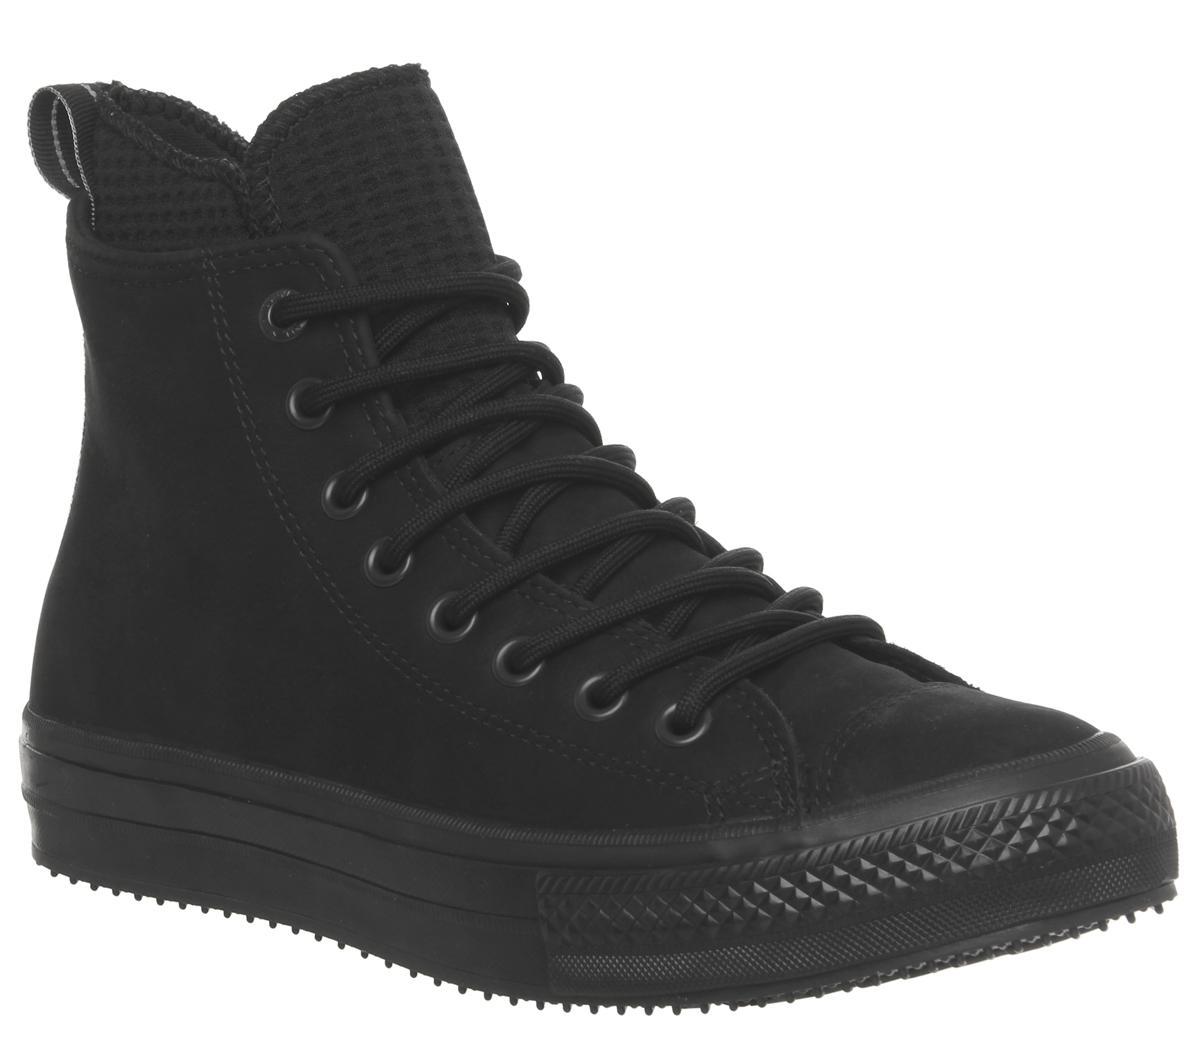 All Star Hi Wp Boots